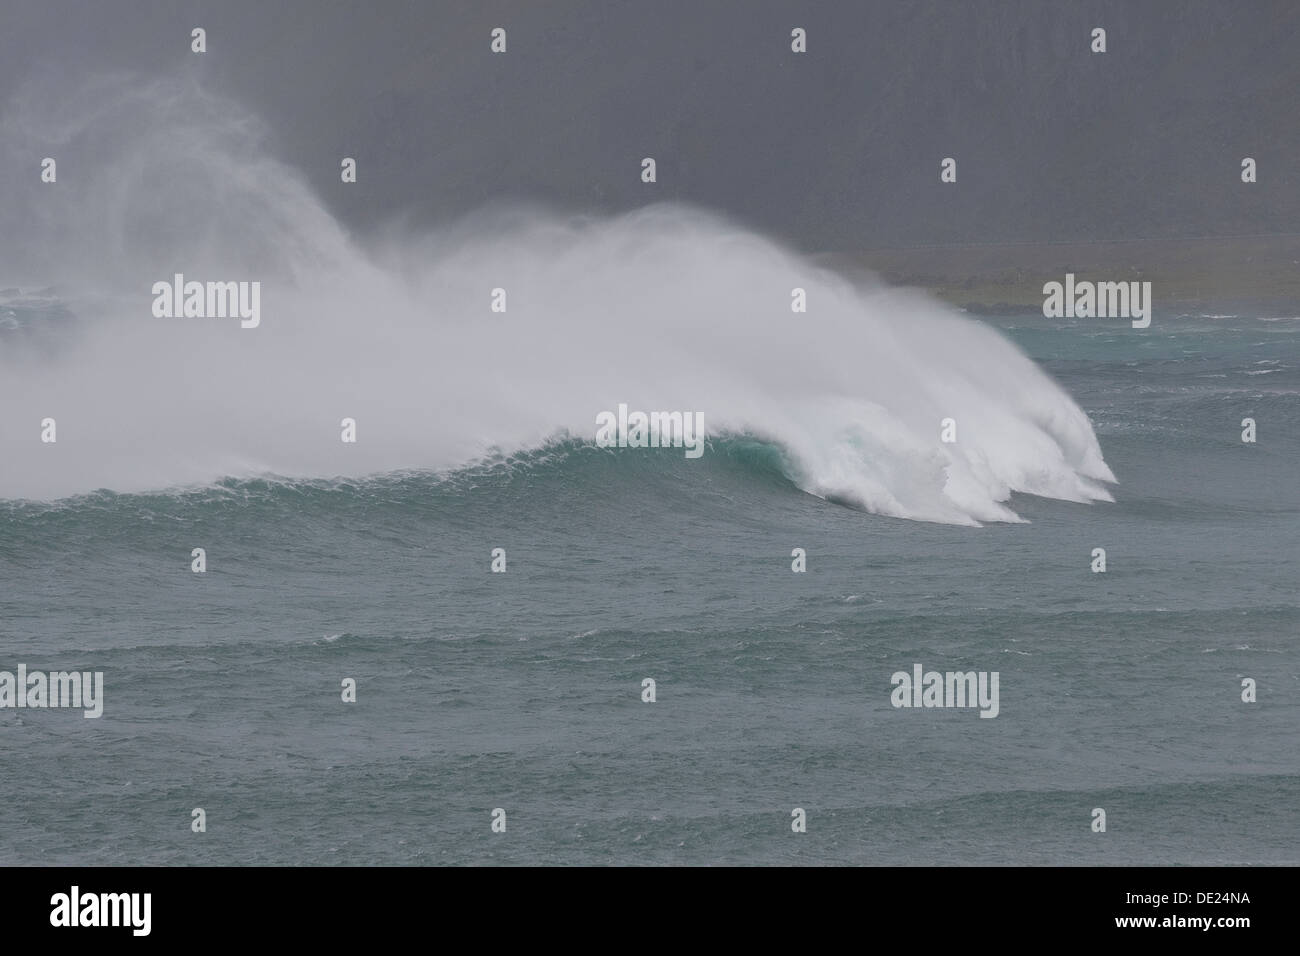 ocean, sea, breakers, surge, breakwater, waves, Brandung, starker Wellengang, Wellen, Welle, Gischt, Meer, Flut, Ozean - Stock Image